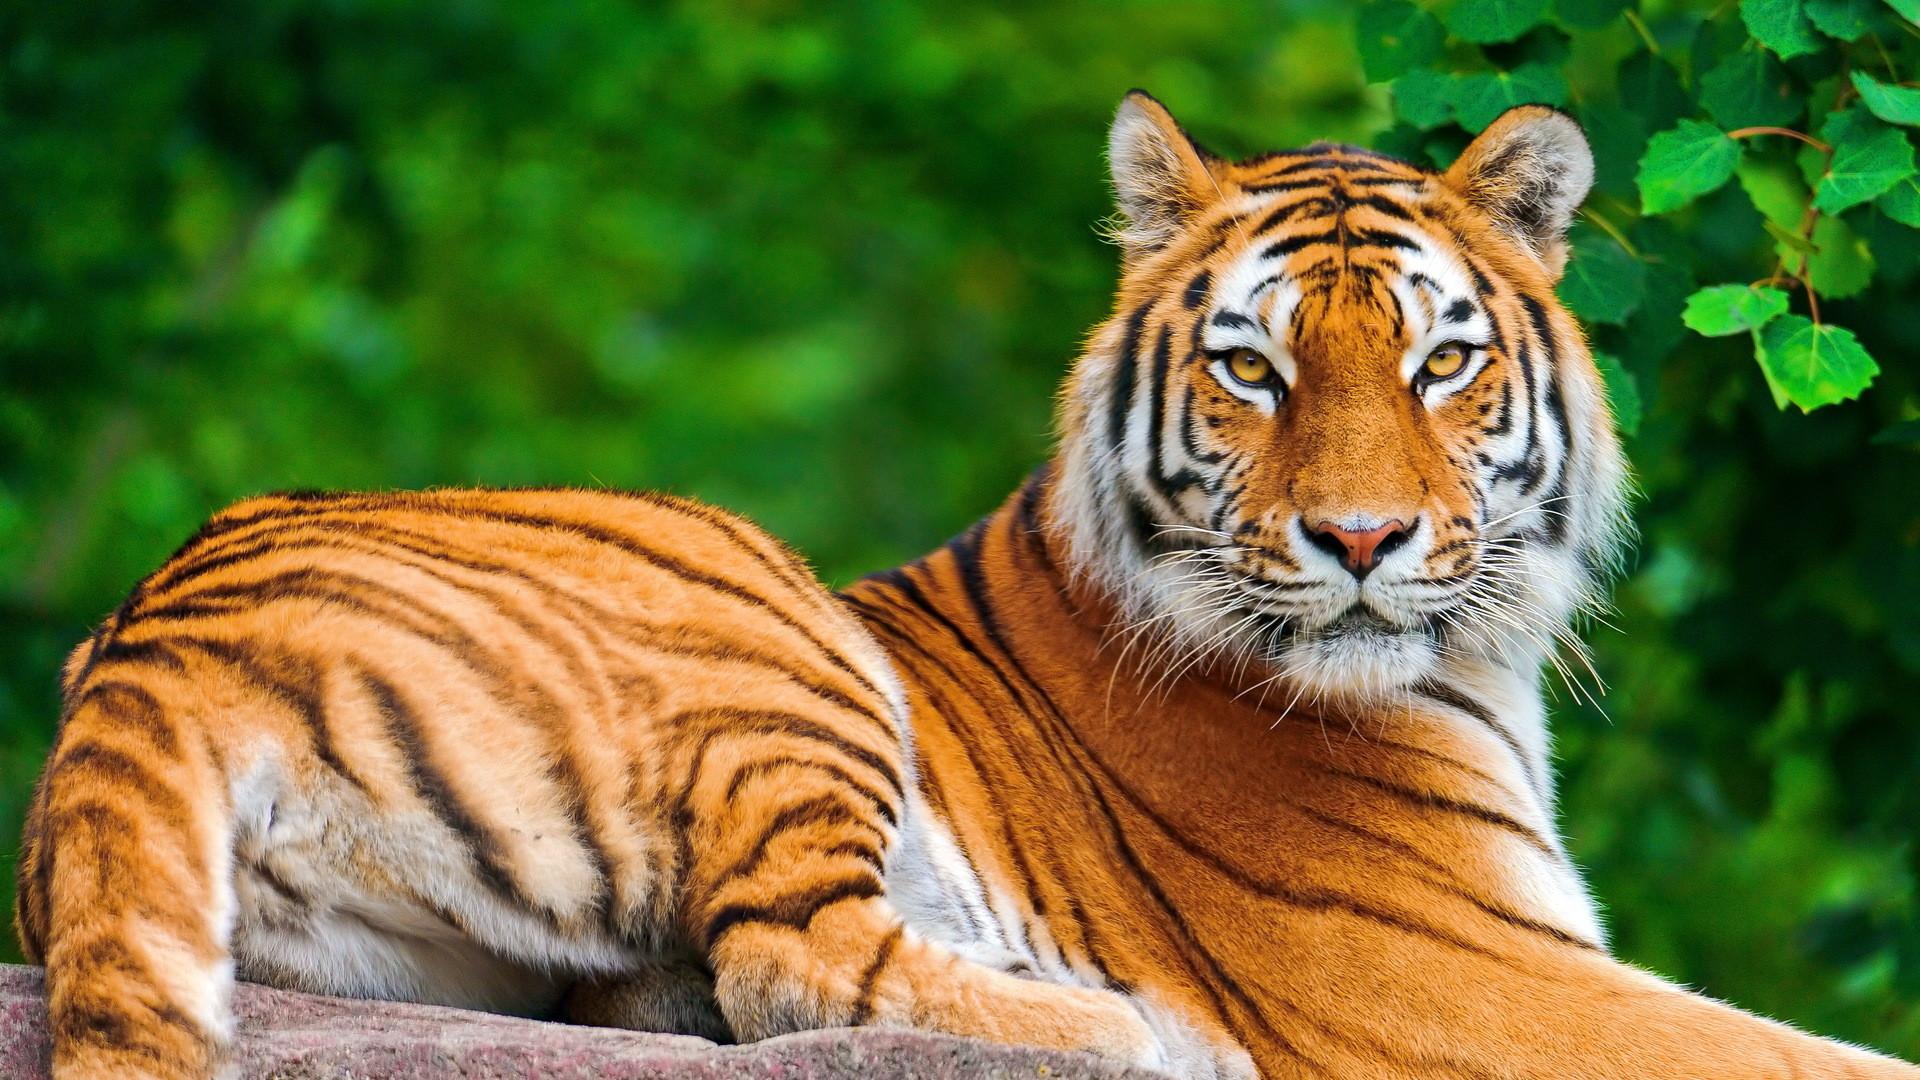 Free tiger animal wallpaper HD.